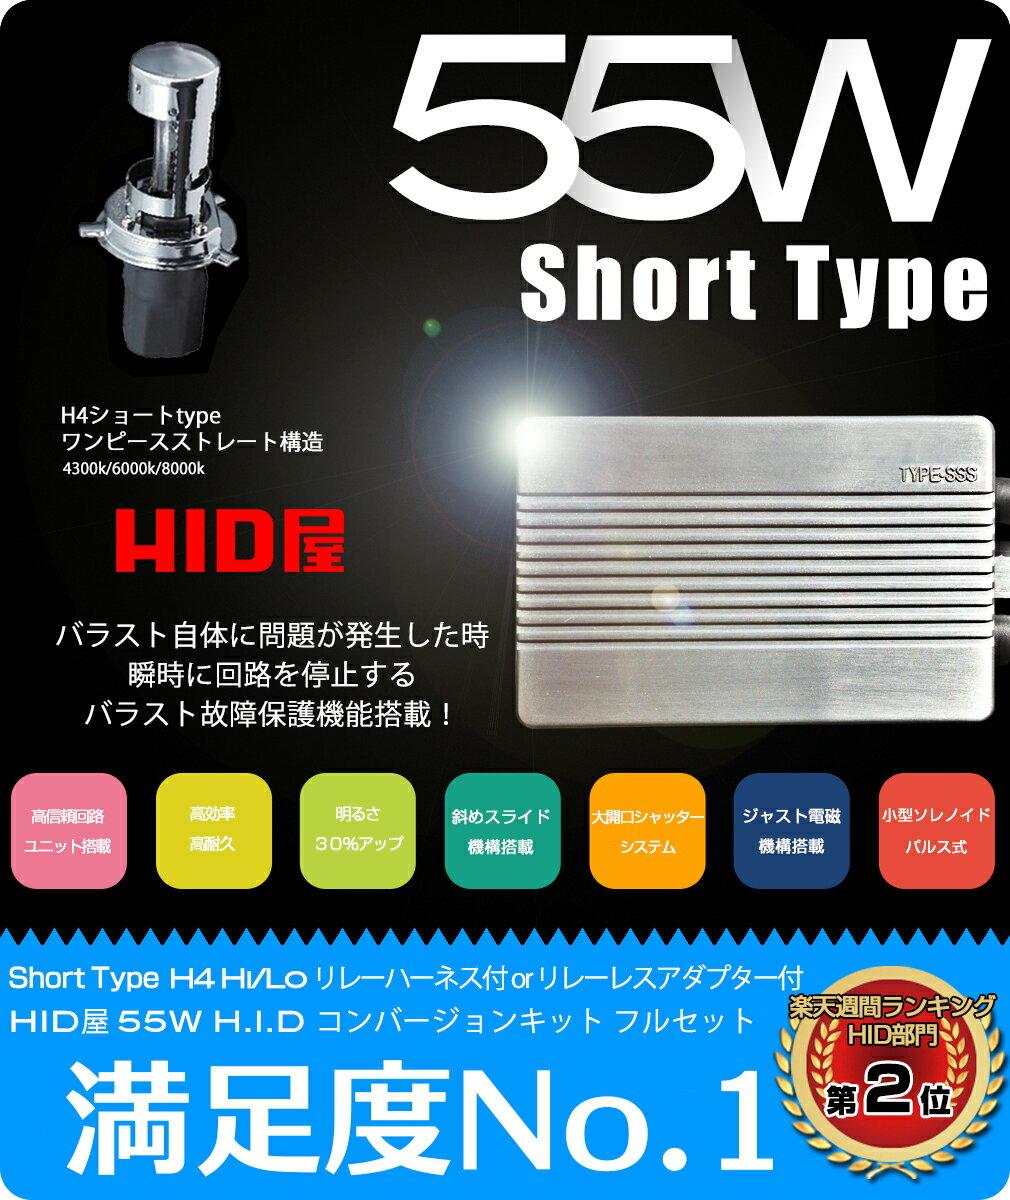 ホンダ STREAM ストリーム HID H12.9〜H15.8、H18.7〜 RN1・2・3・4、RN6・7・8・9 に適合 HID屋 HIDキット ヘッドライト 55W H4 Hi/Lo オリジナルショートバルブ リレー付